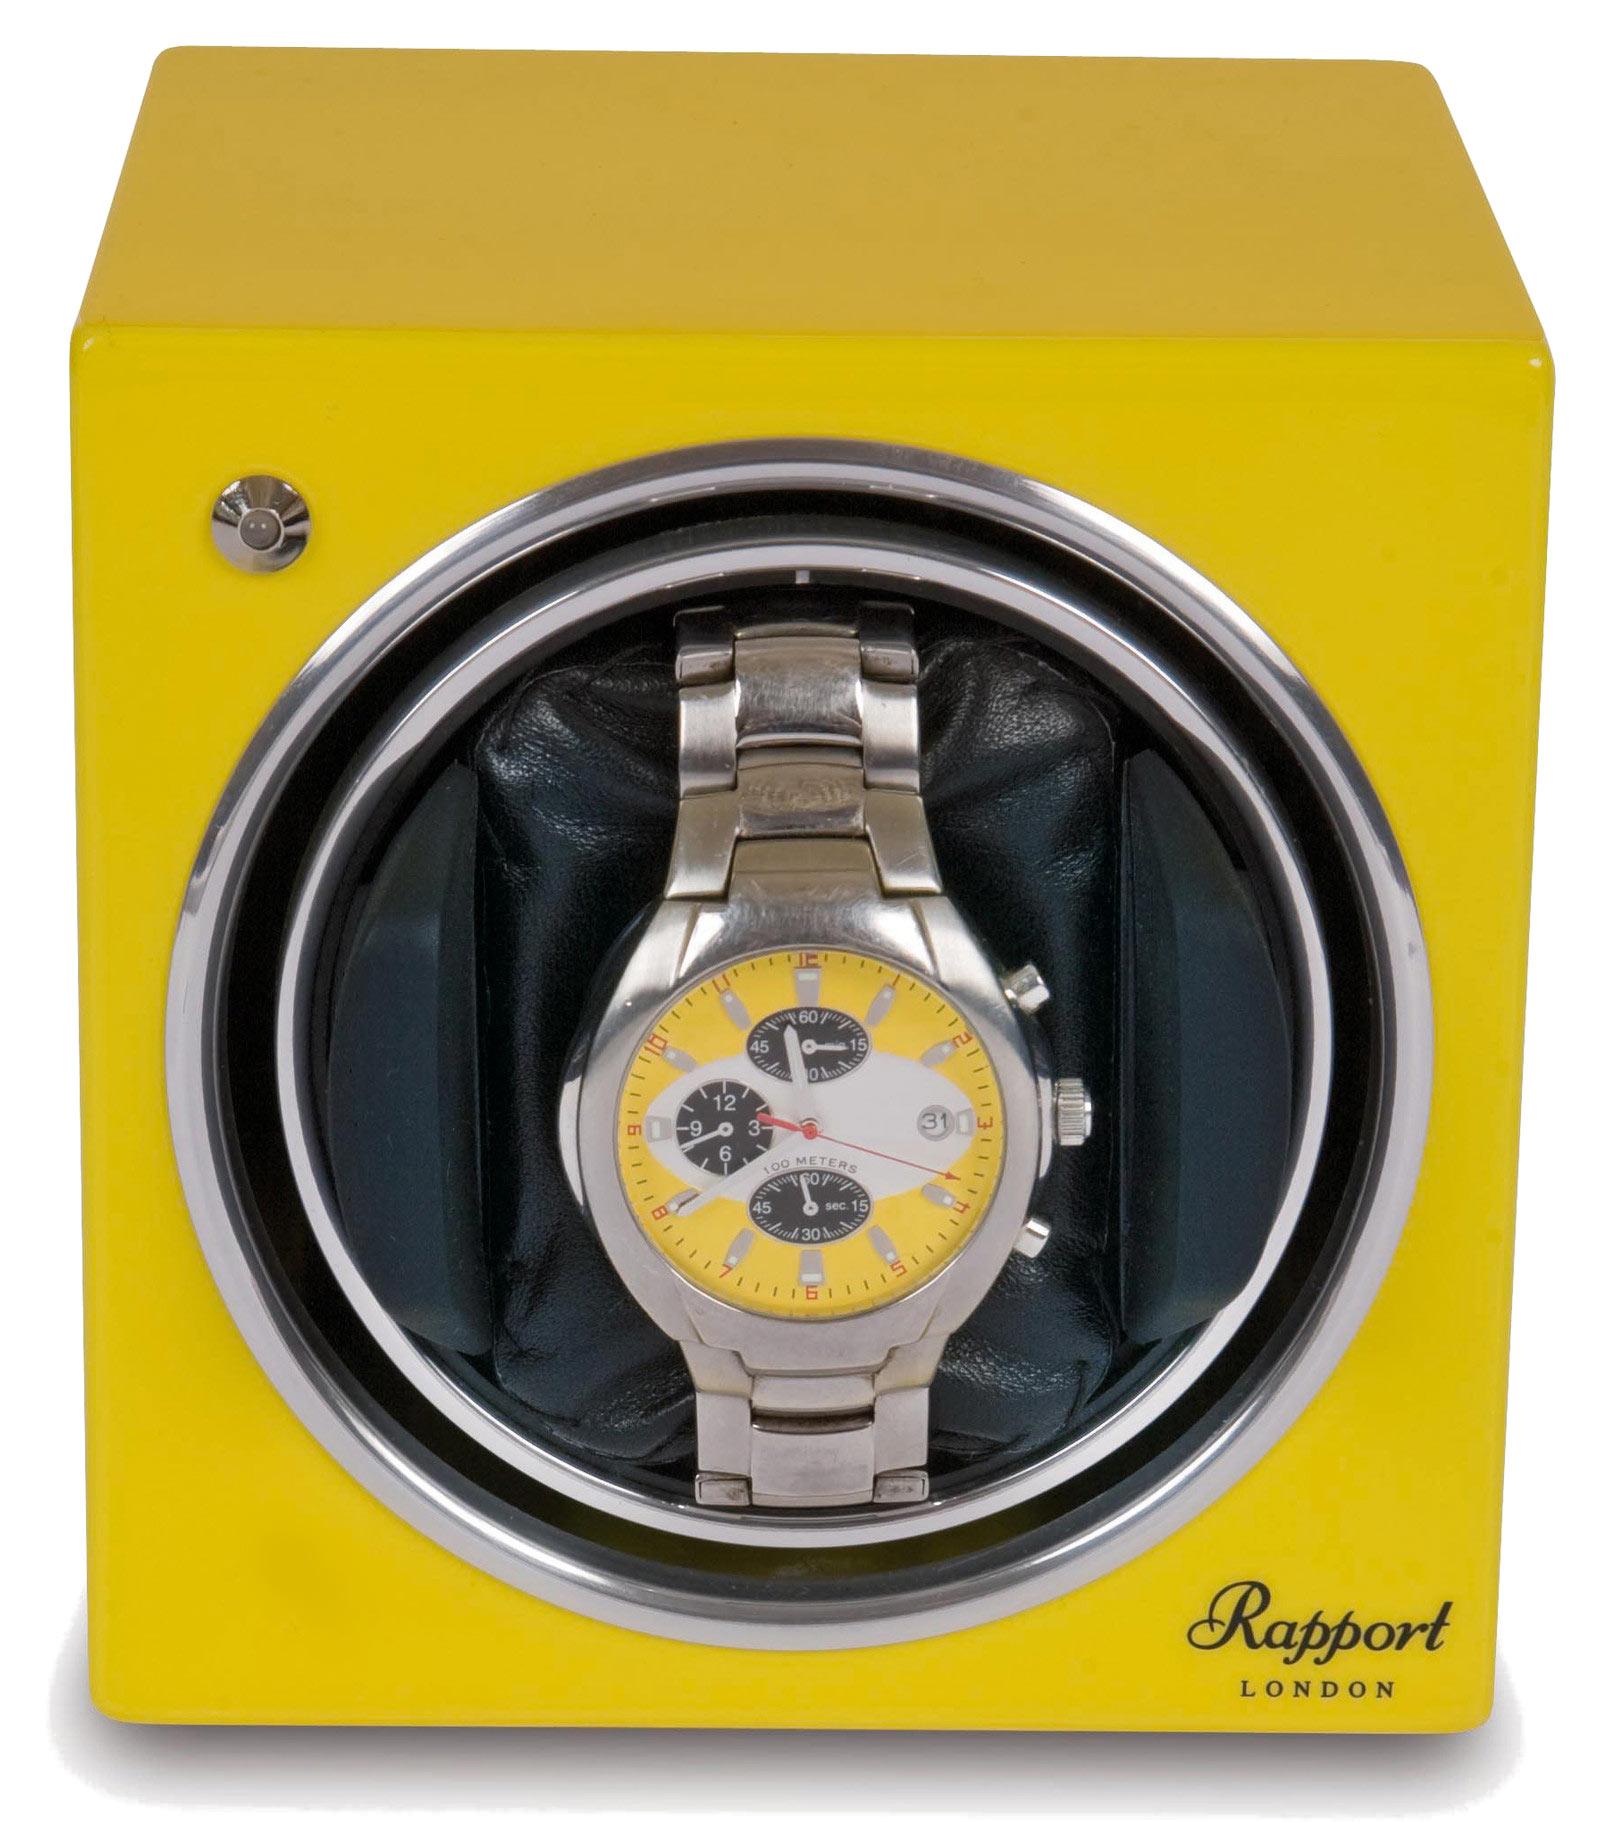 Rapport EVO11 Модуль для подзавода 1 часов, выполнен в удобной кубовидной форме. Желтого цвета.